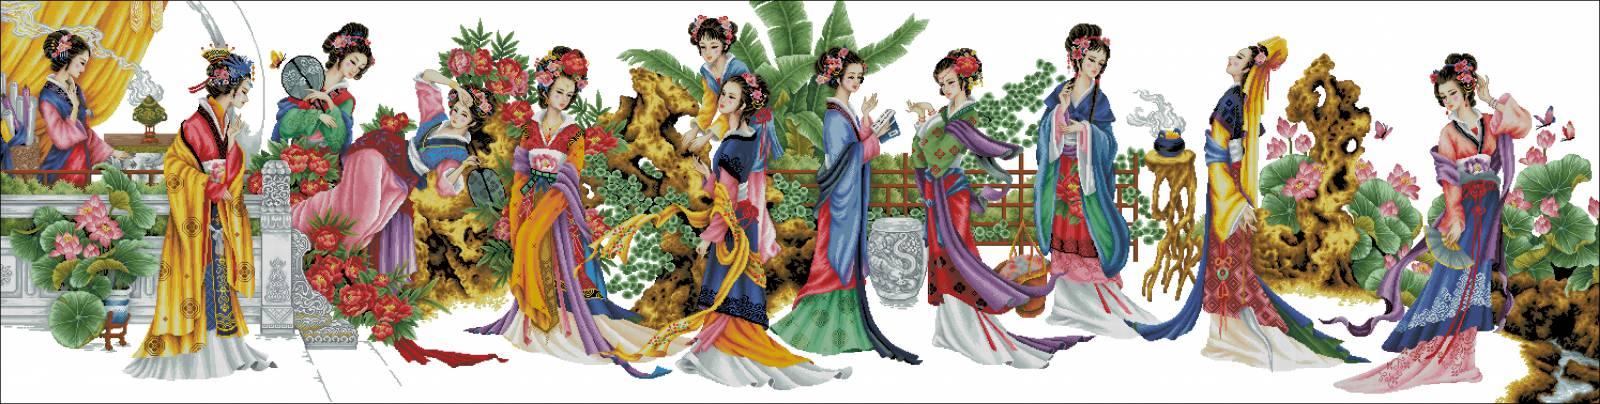 Китайская вышивка что это